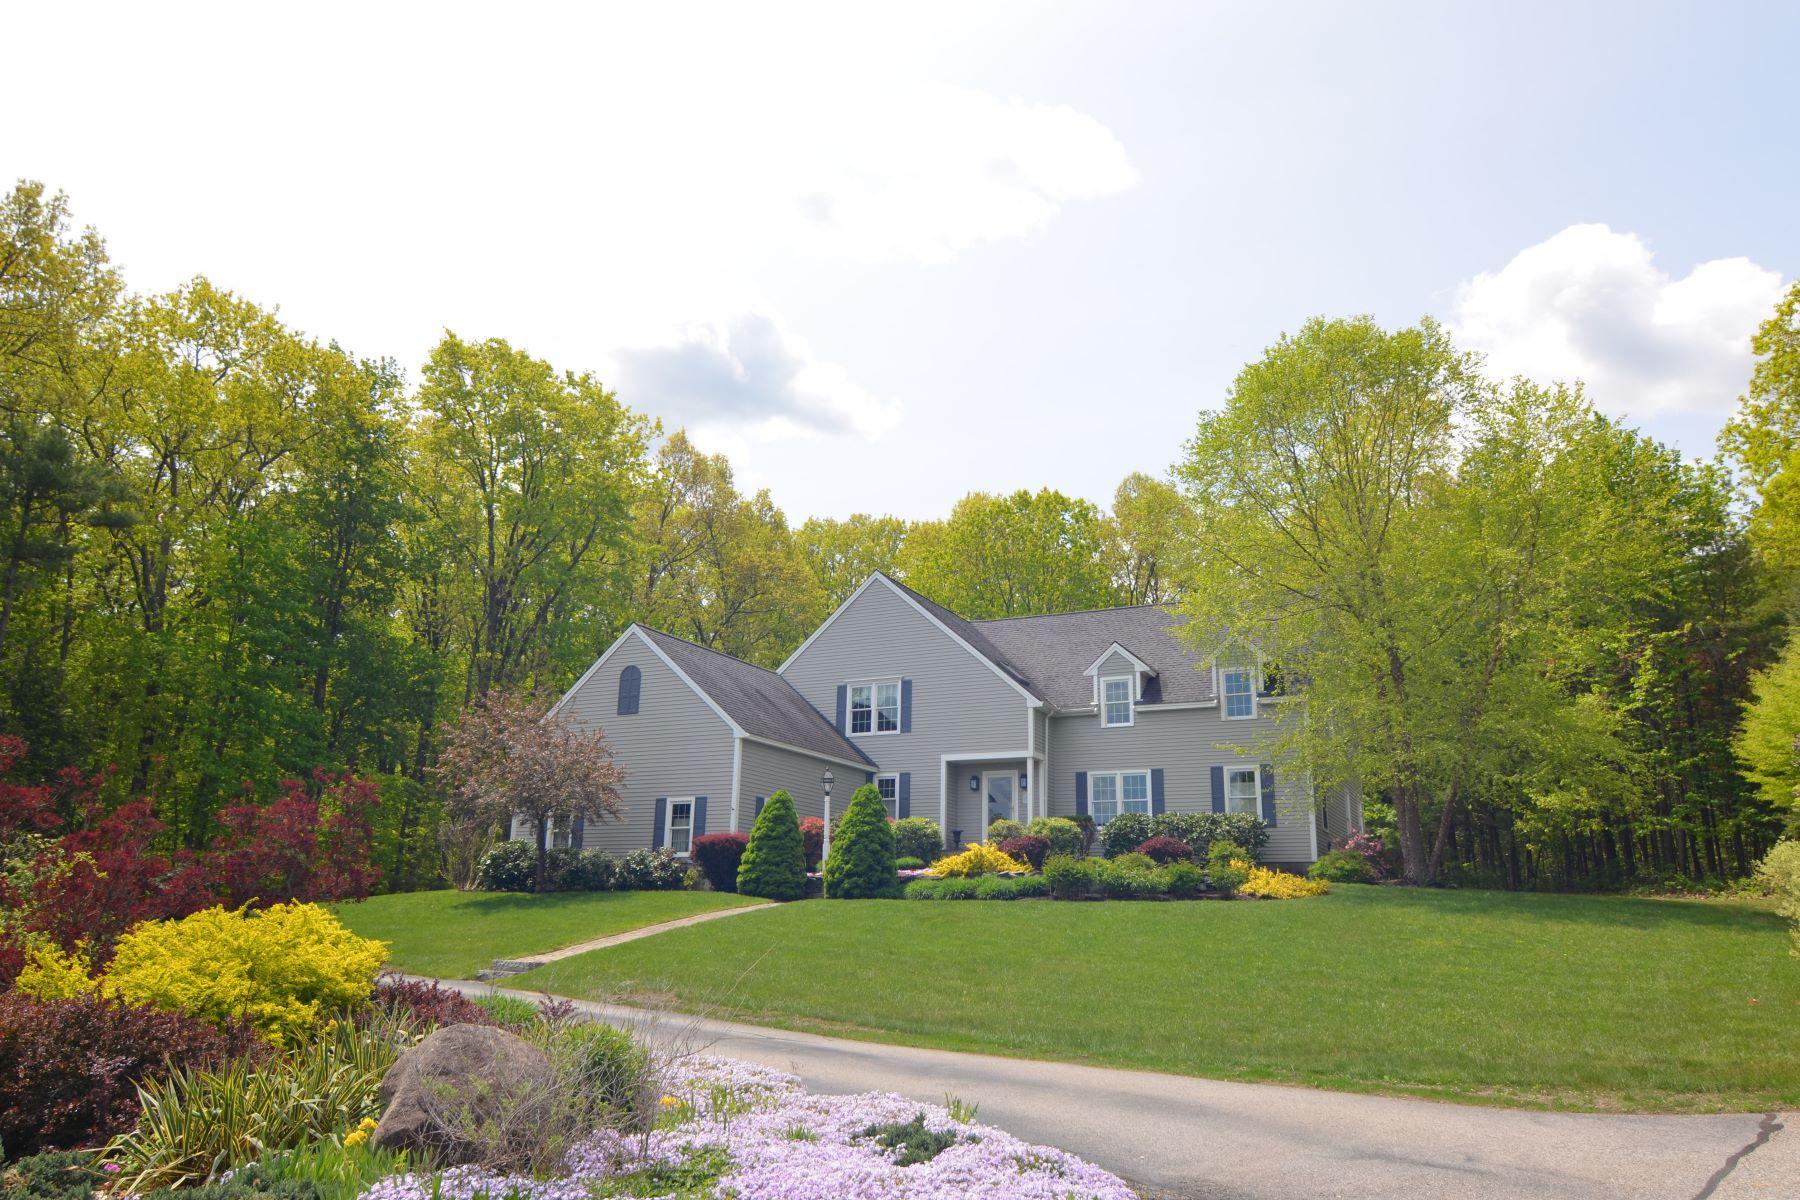 Maison unifamiliale pour l Vente à Woodlands Condominium 11 Trillium Court Lunenburg, Massachusetts, 01462 États-Unis